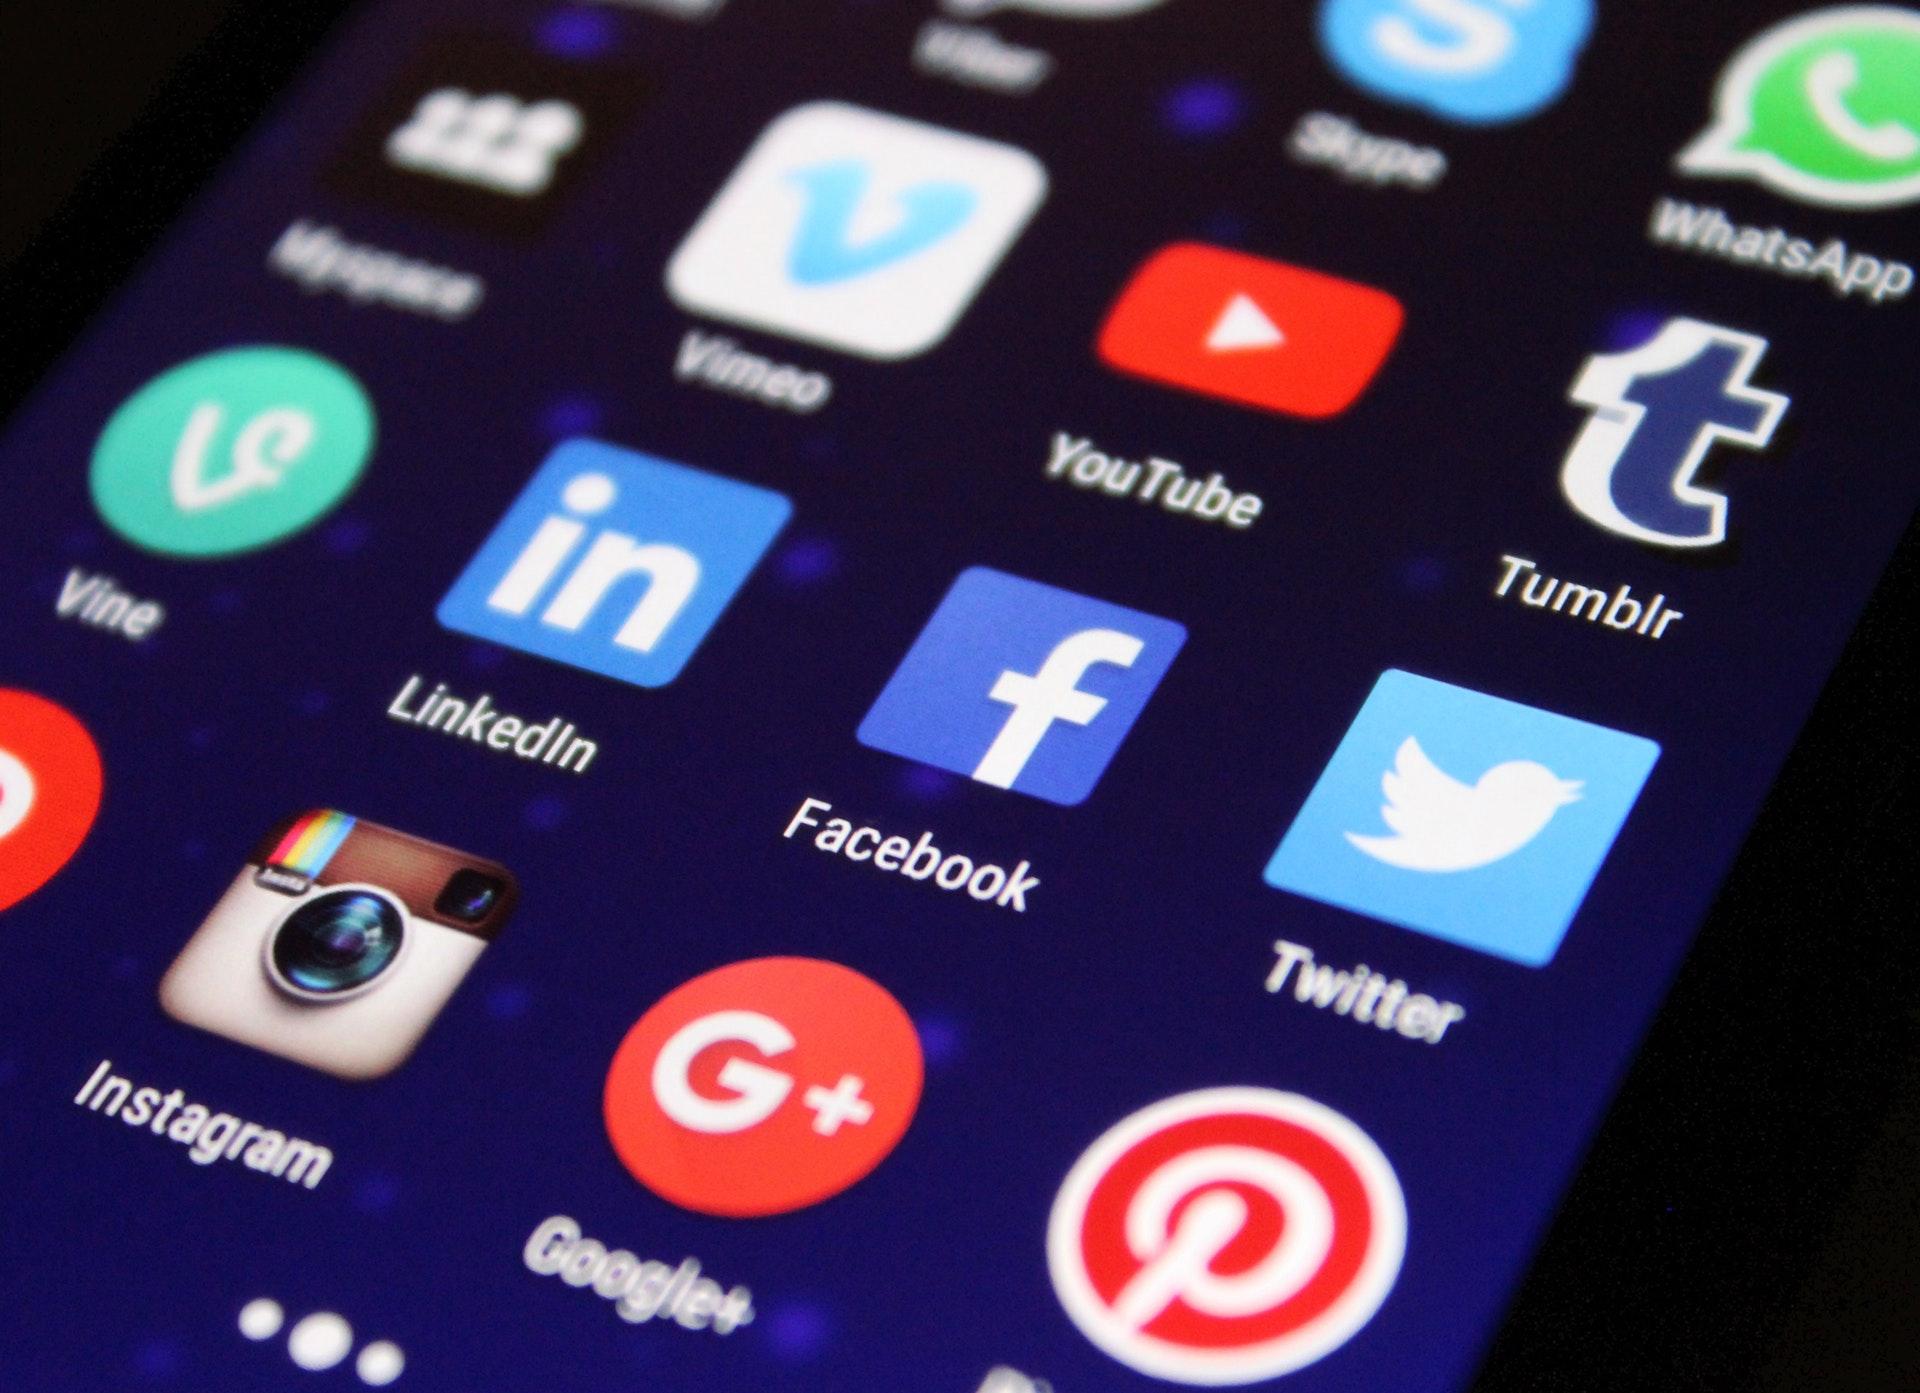 Kuva sosiaalisen median sovelluksista, kotisivujen merkitys yritykselle.